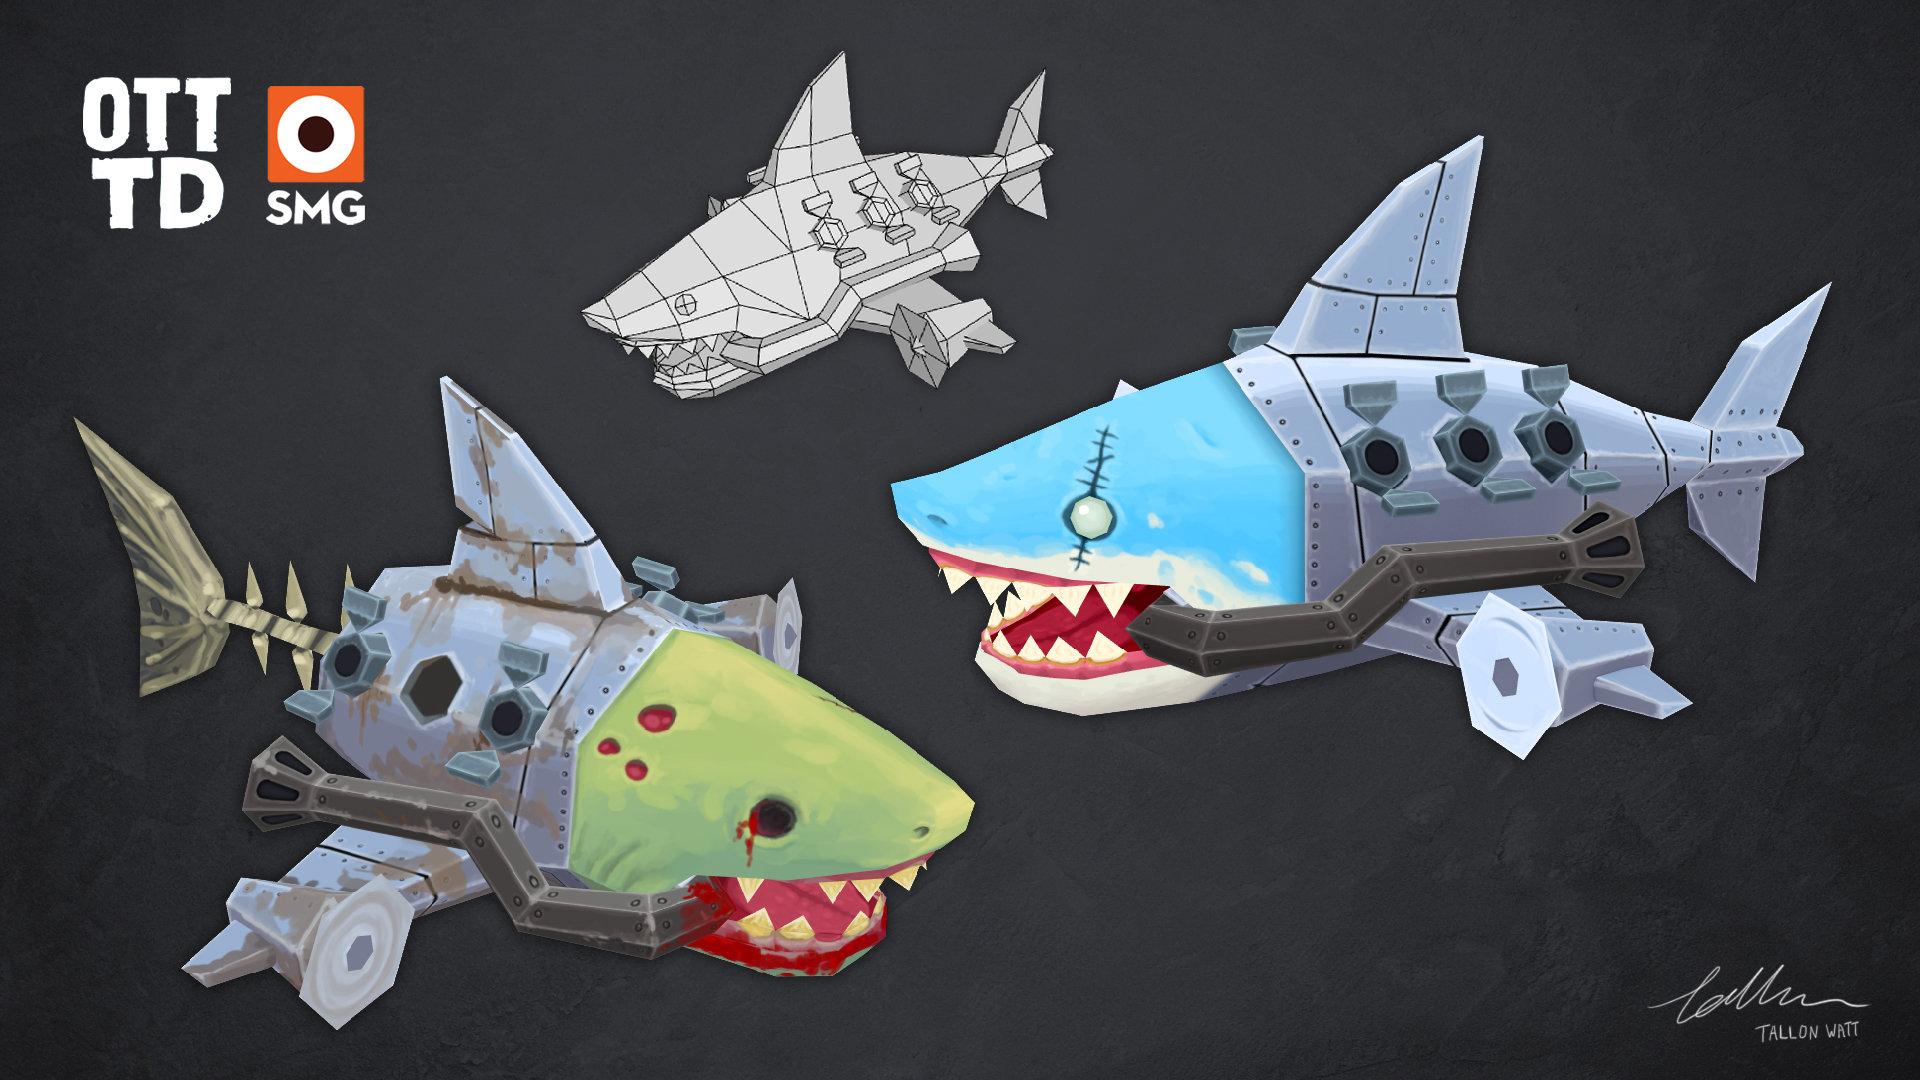 Tallon watt shark bosses2